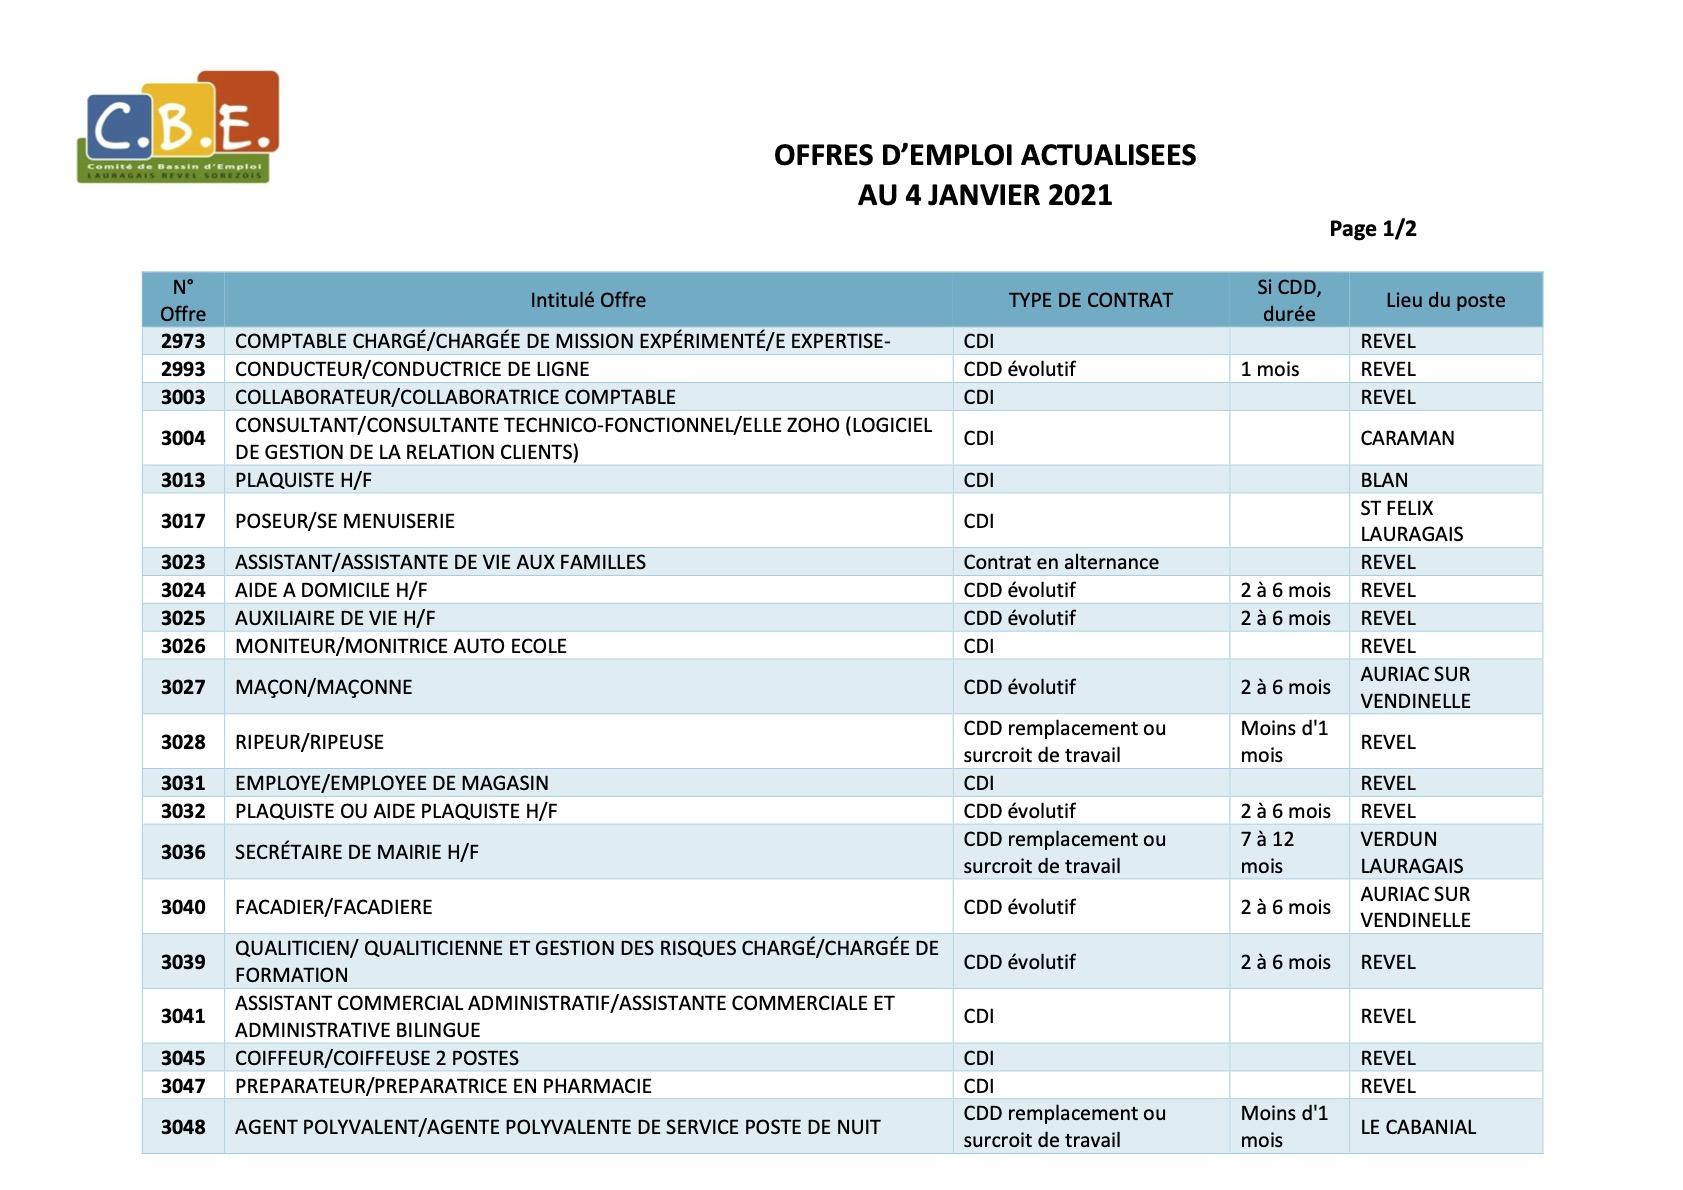 CBELRS Tableau Hebdomadaire des offres d'emploi 4 JANVIER